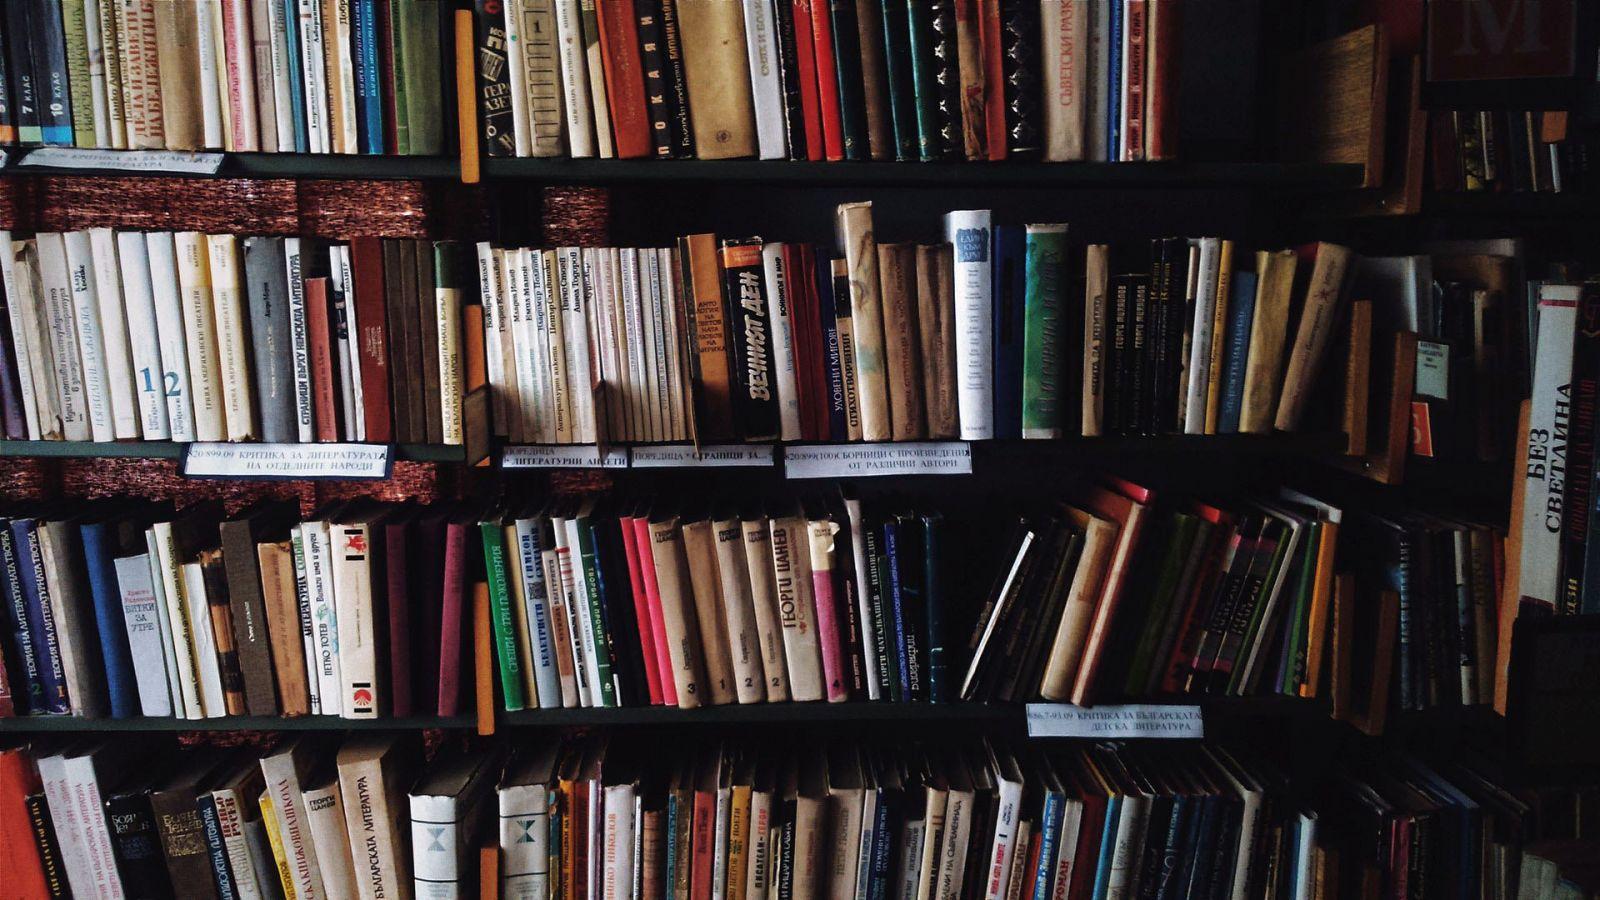 От Лукьяненко до Дивова: в лонг-лист «Премии Читателя-2020» вошли 38 романов